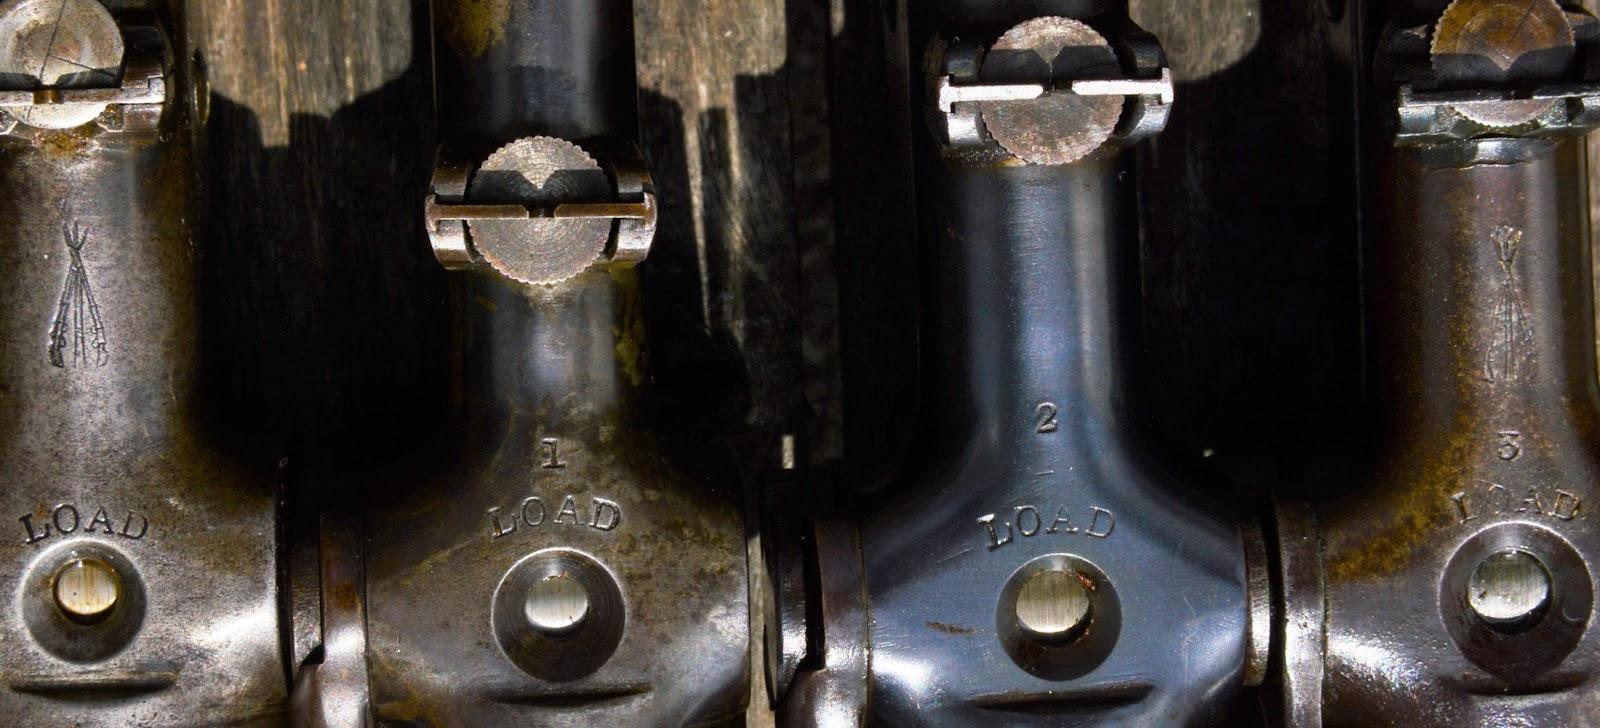 load markings on vintage BSA